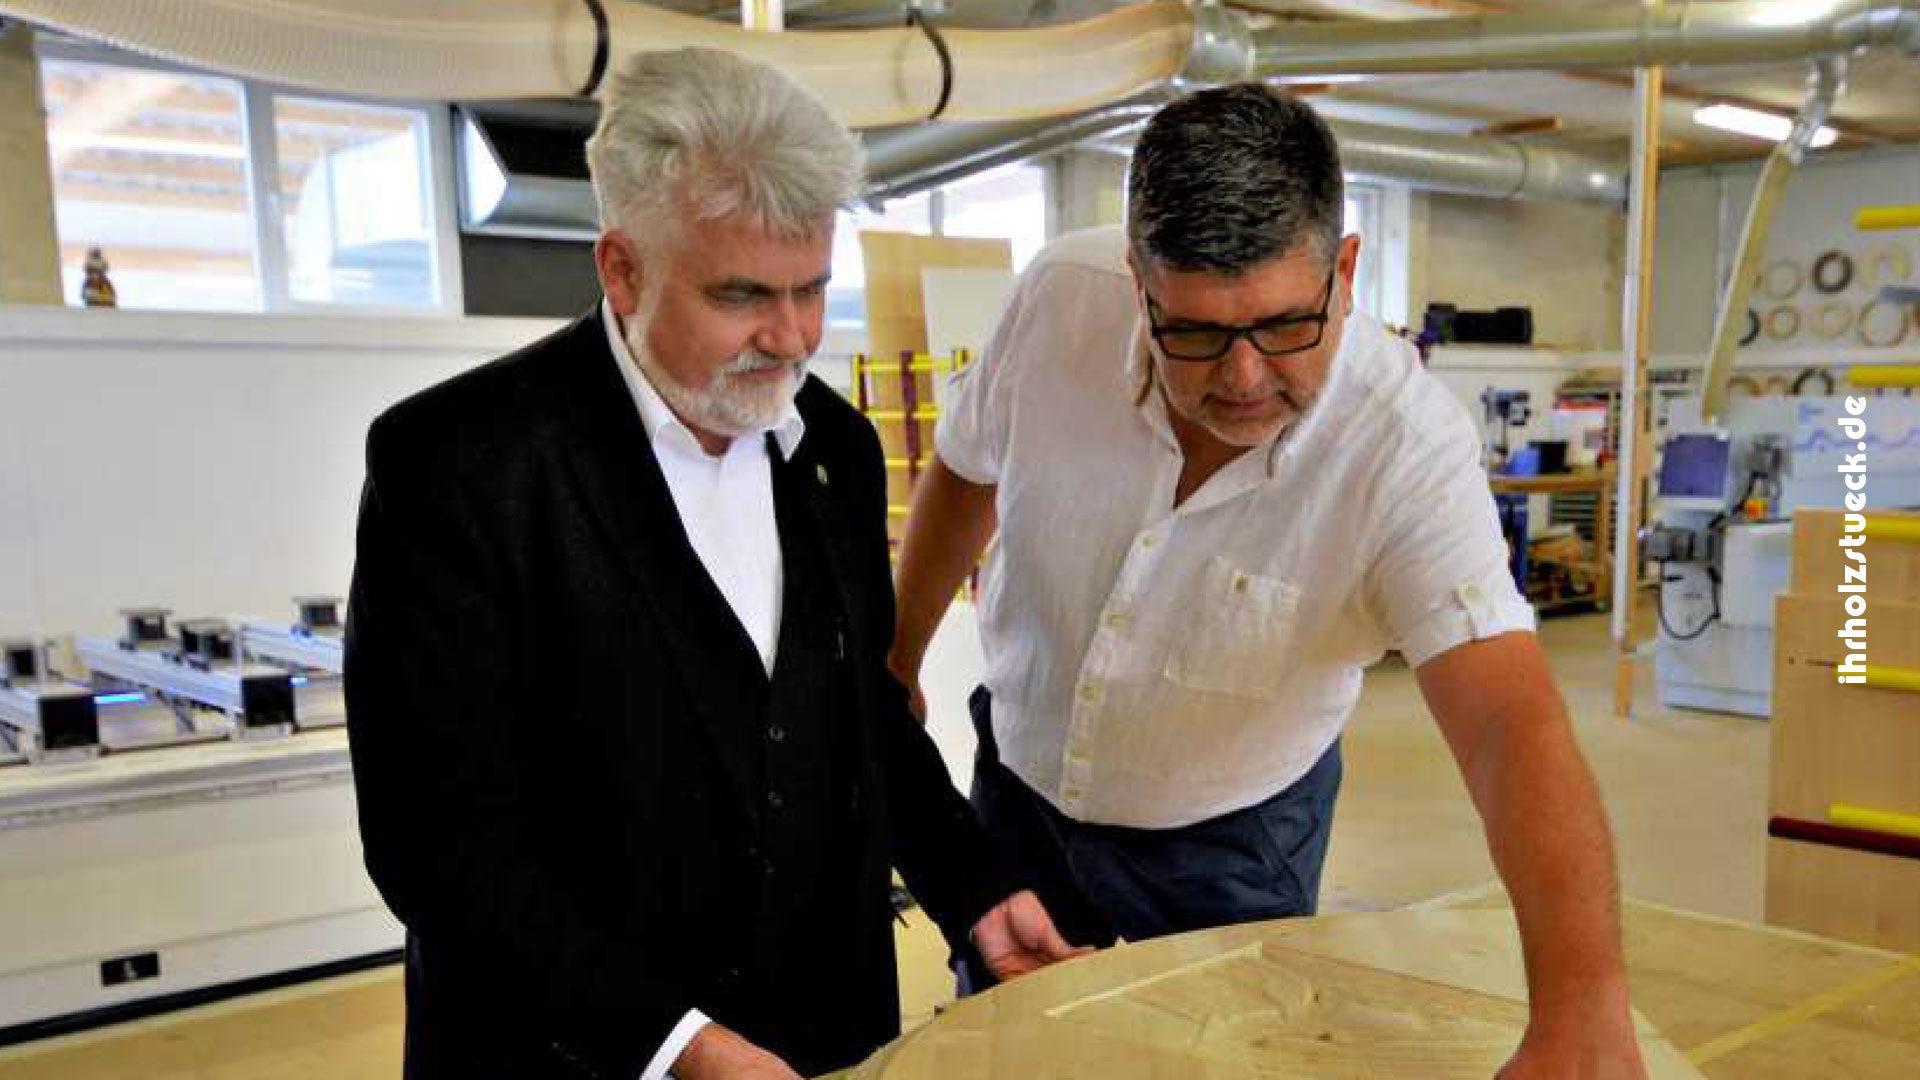 Minister besucht Messebauer mit frischen Ideen.